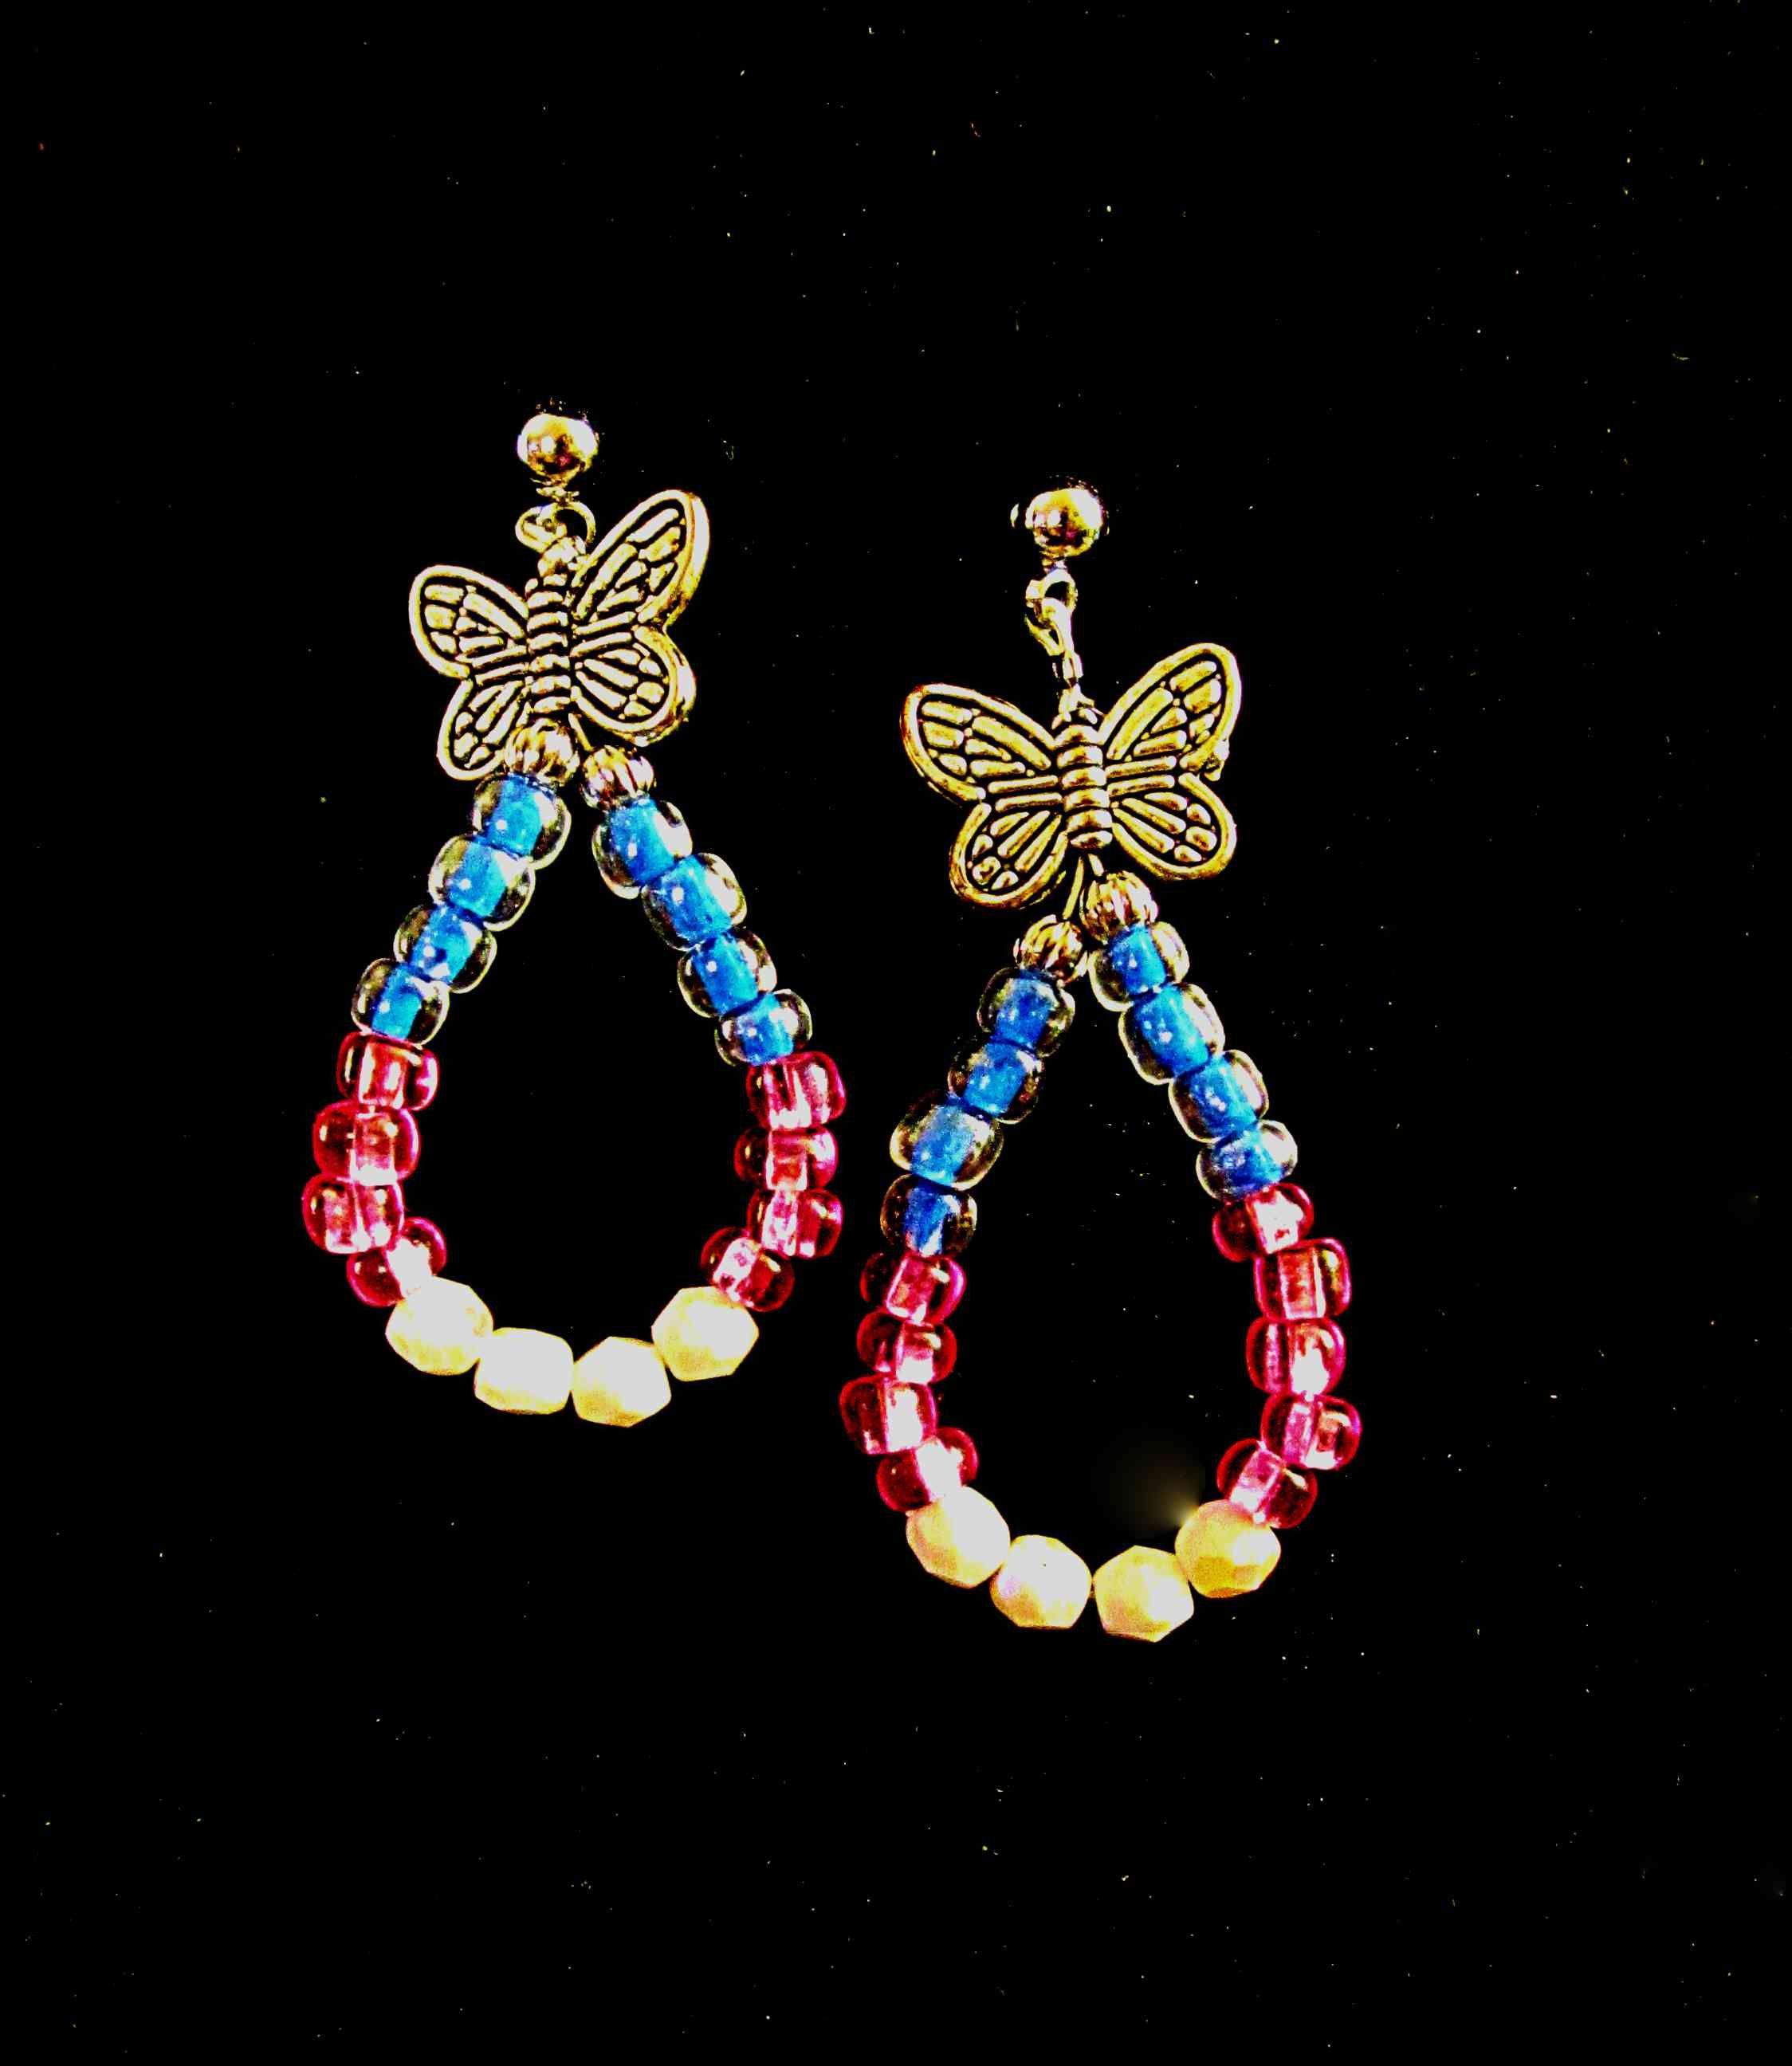 Transgender Butterfly earrings